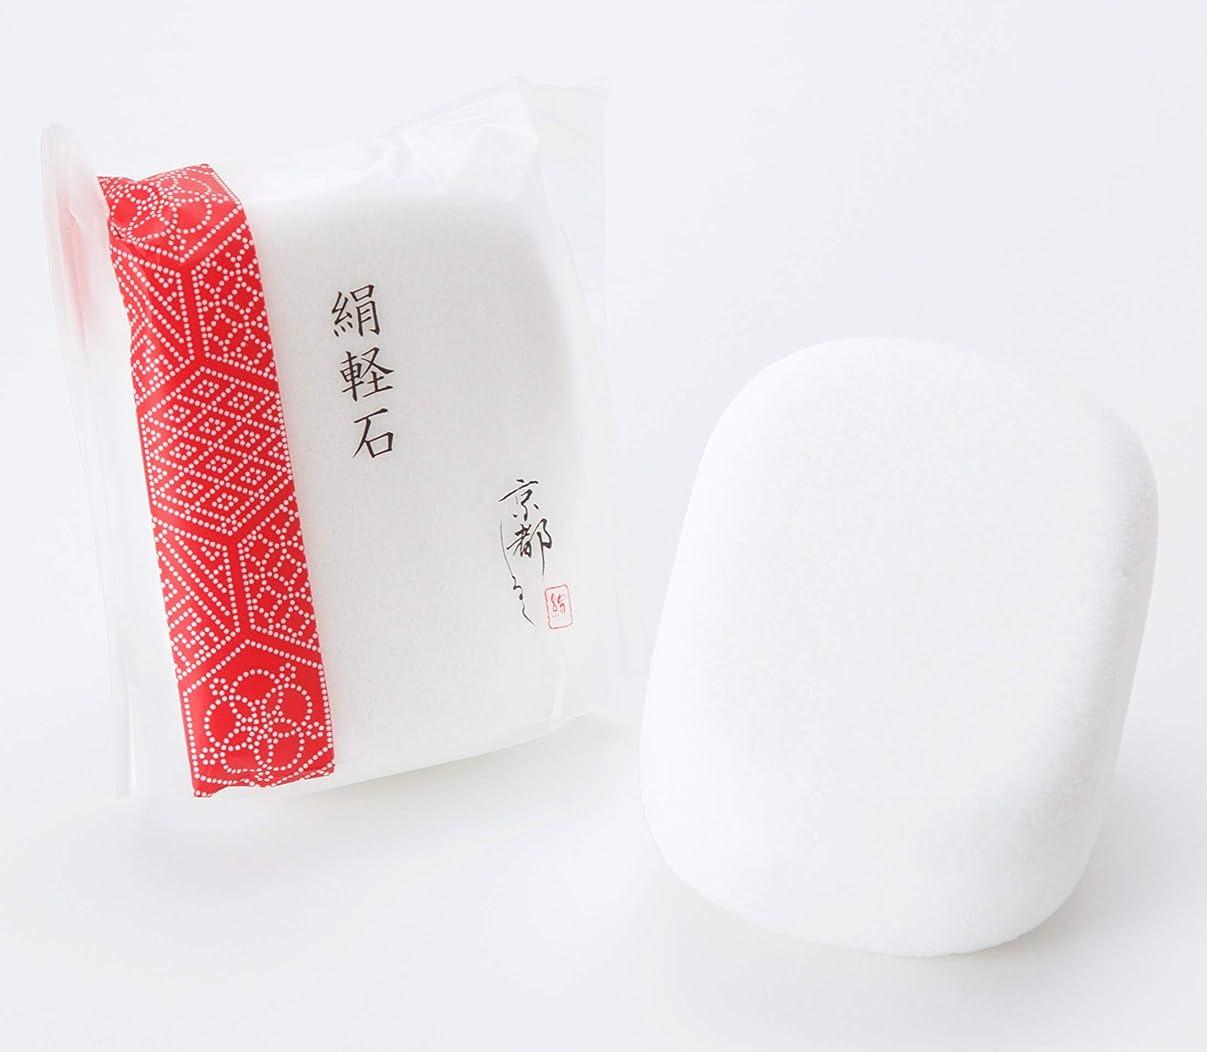 名誉説明的同情的京都しるく シルクの軽石【保湿成分シルクパウダー配合】/かかとの角質を落としてツルツル素足に 絹軽石 かかとキレイ かかとつるつる